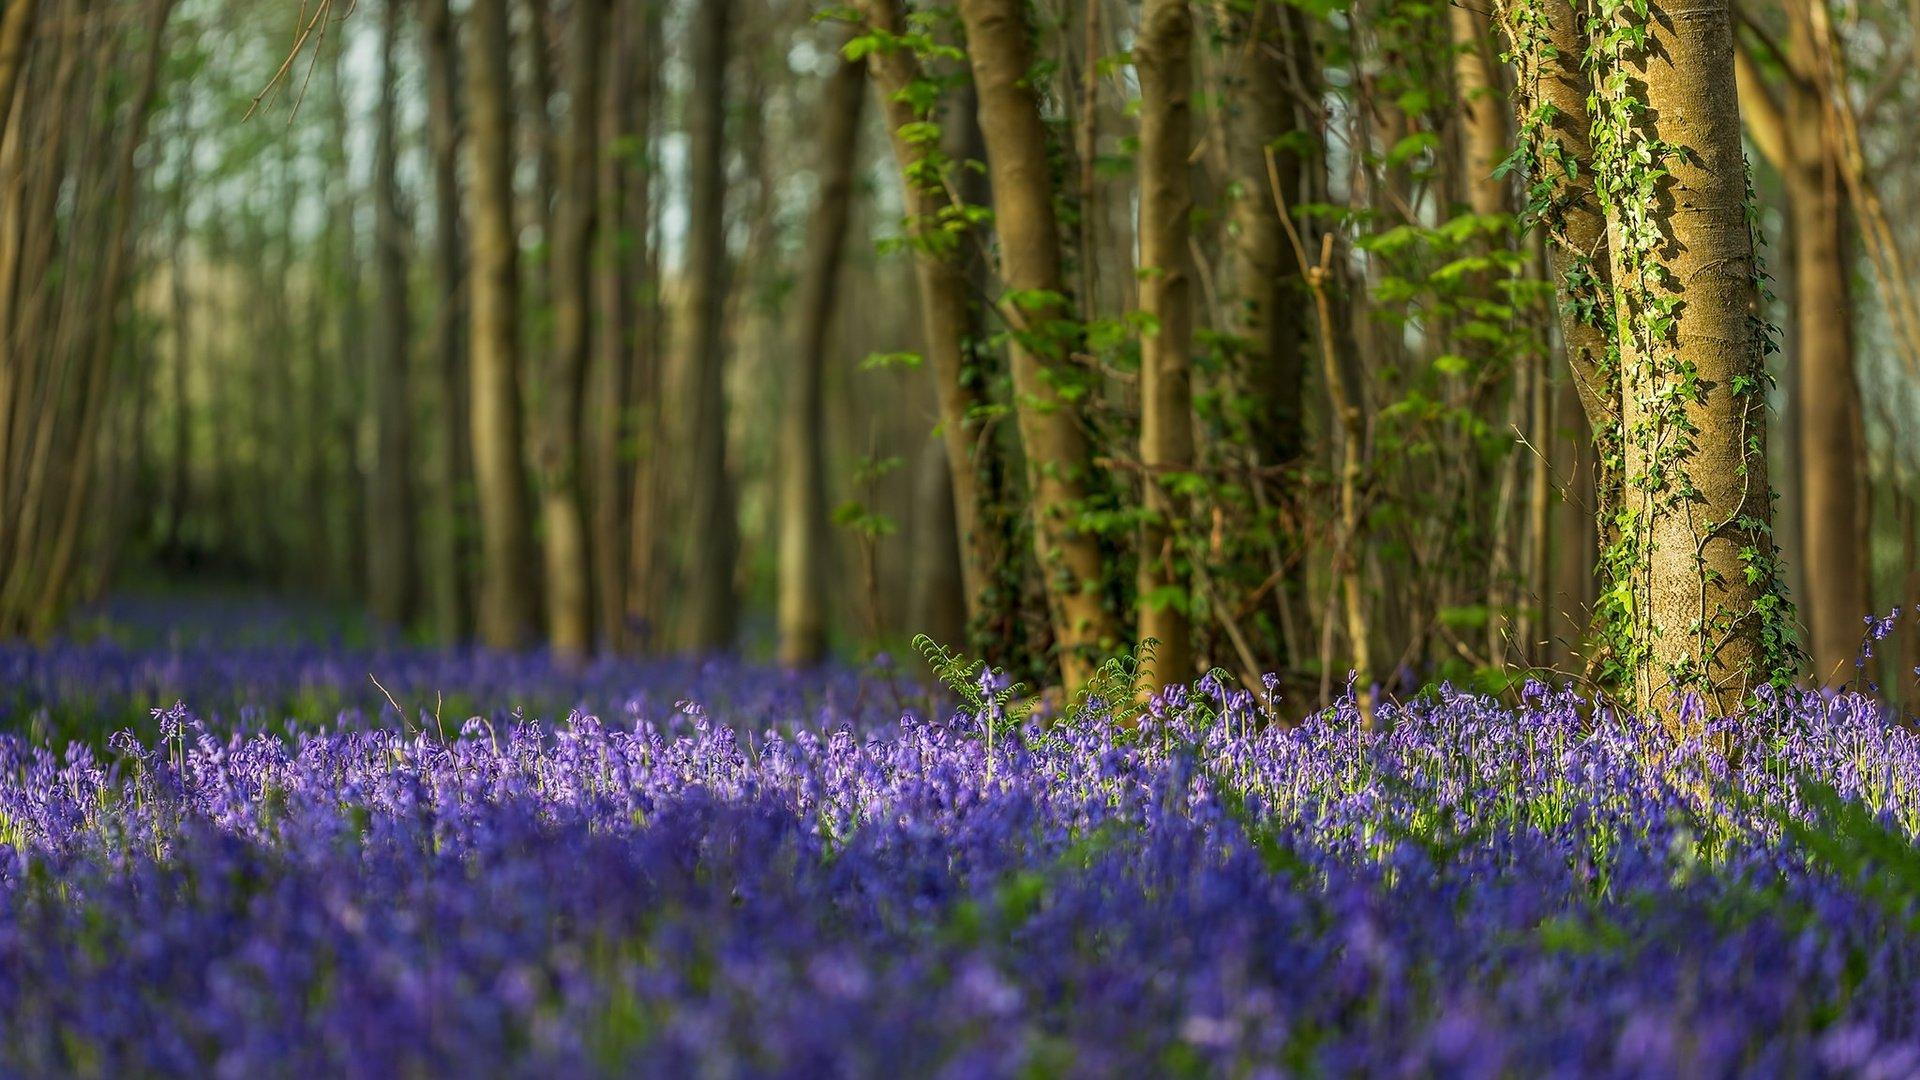 картинки деревья цветы трава вода оберегала дочь